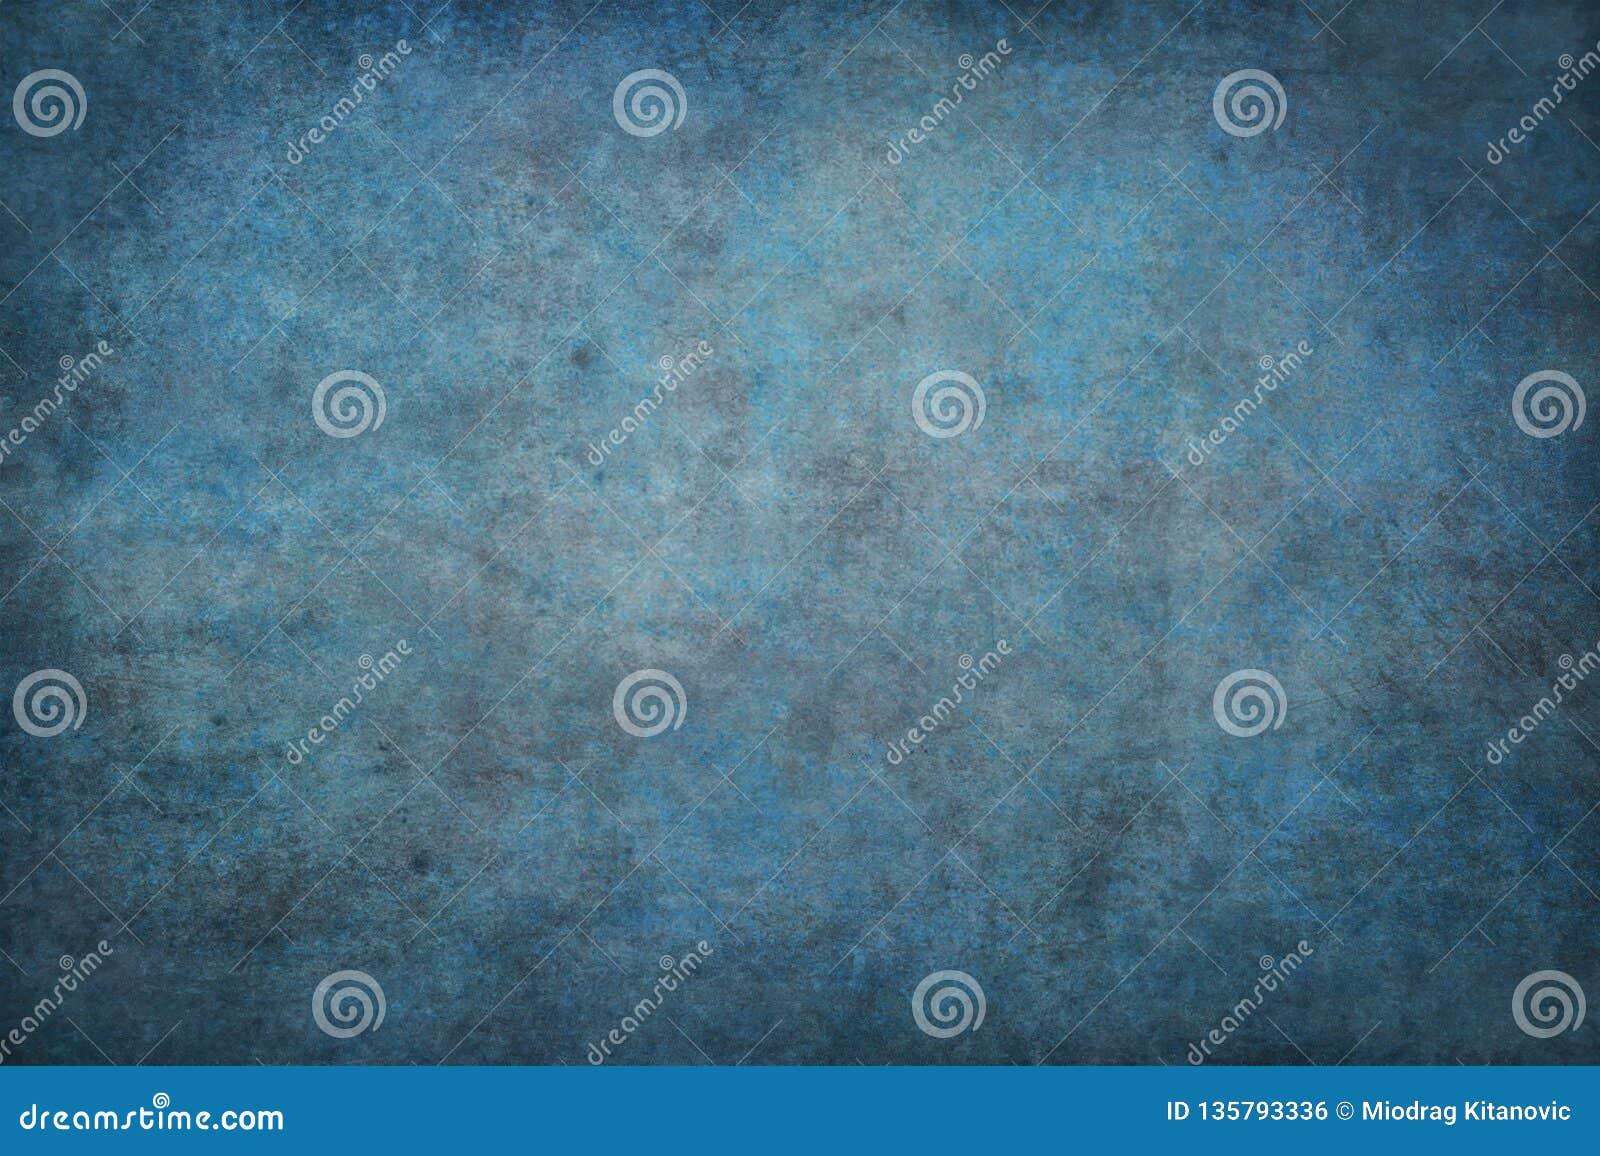 Αφηρημένο μπλε ναυτικό εκλεκτής ποιότητας υπόβαθρο